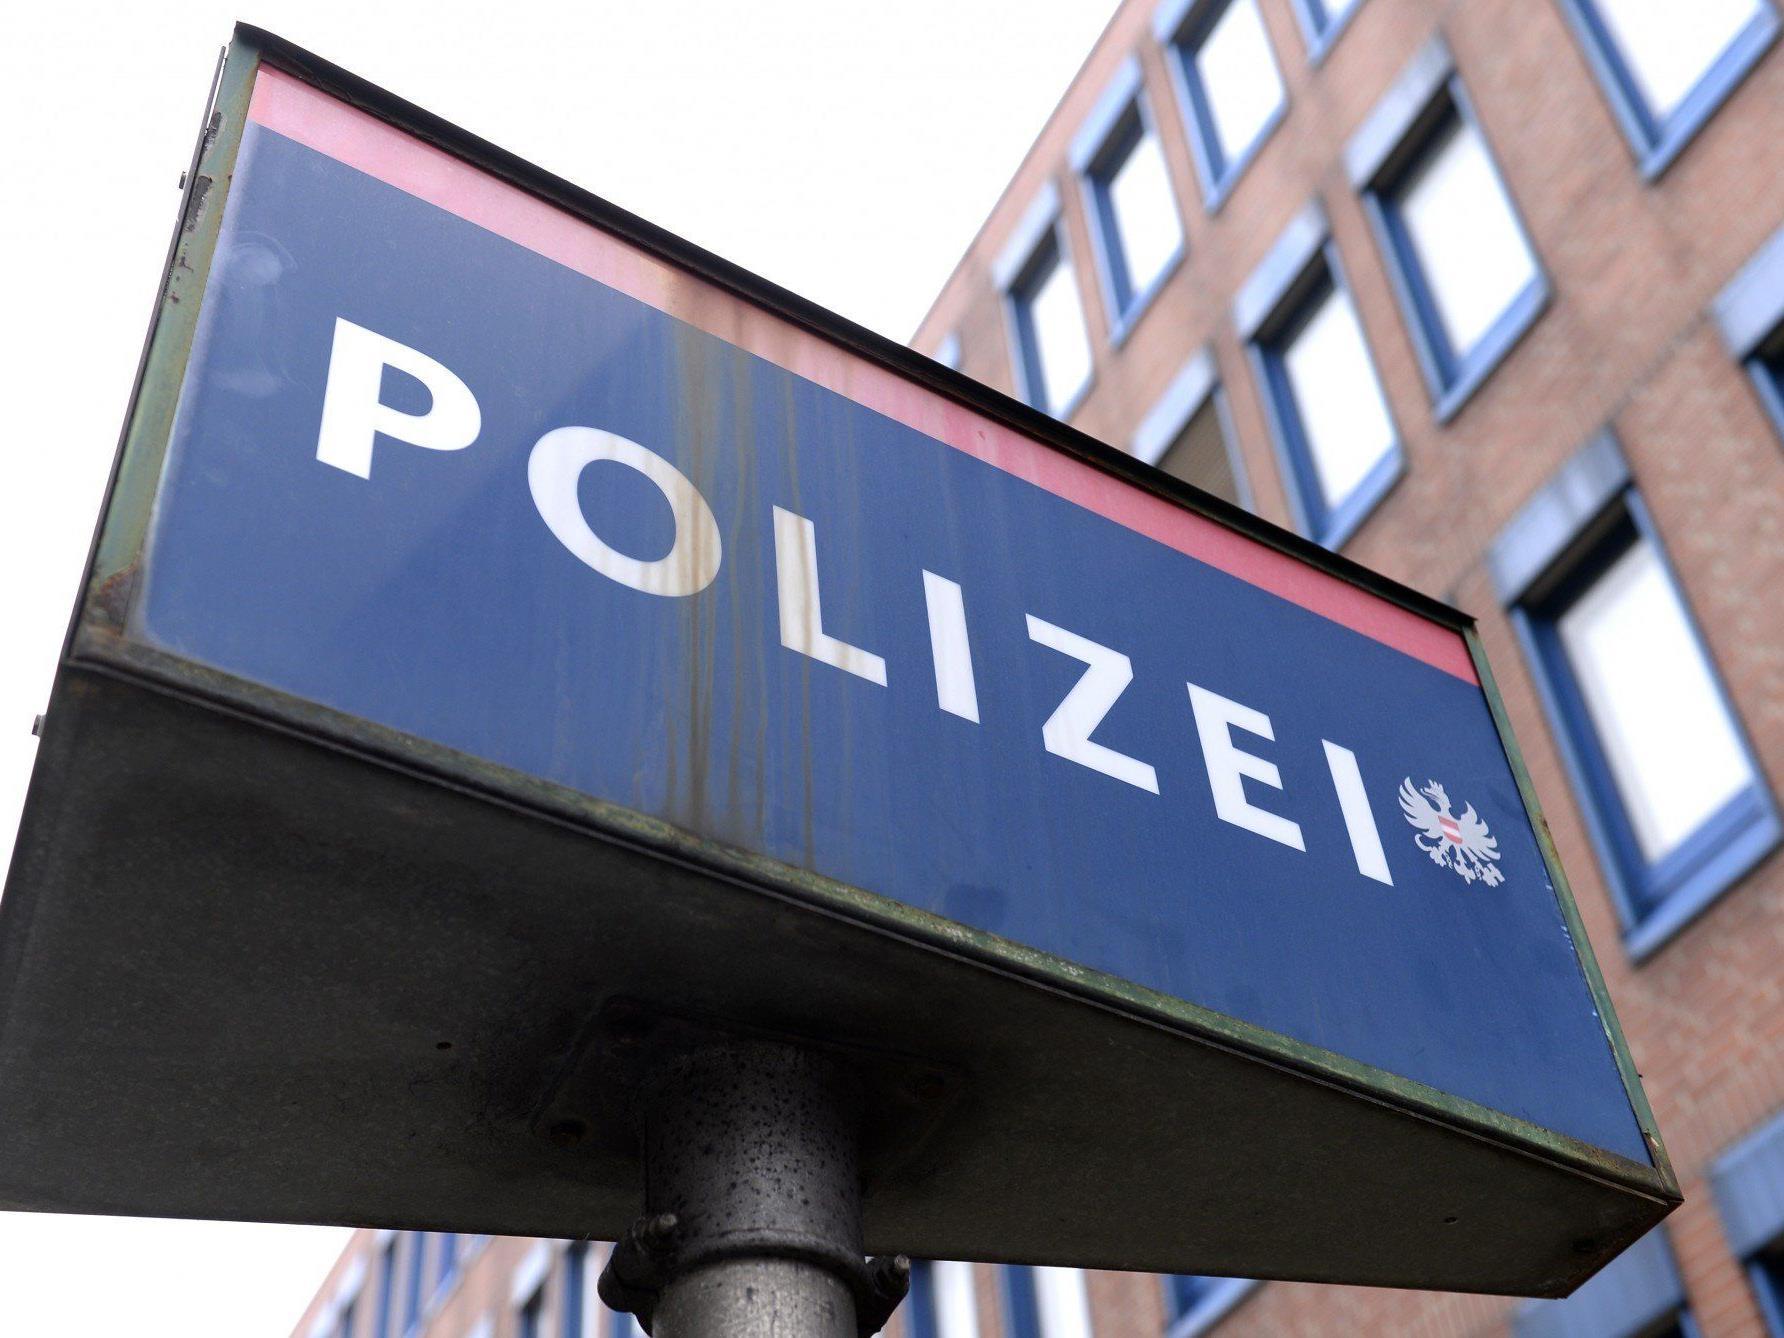 Mit Messer bedroht und ausgeraubt: Raubüberfall in Feldkirch bloße Erfindung..